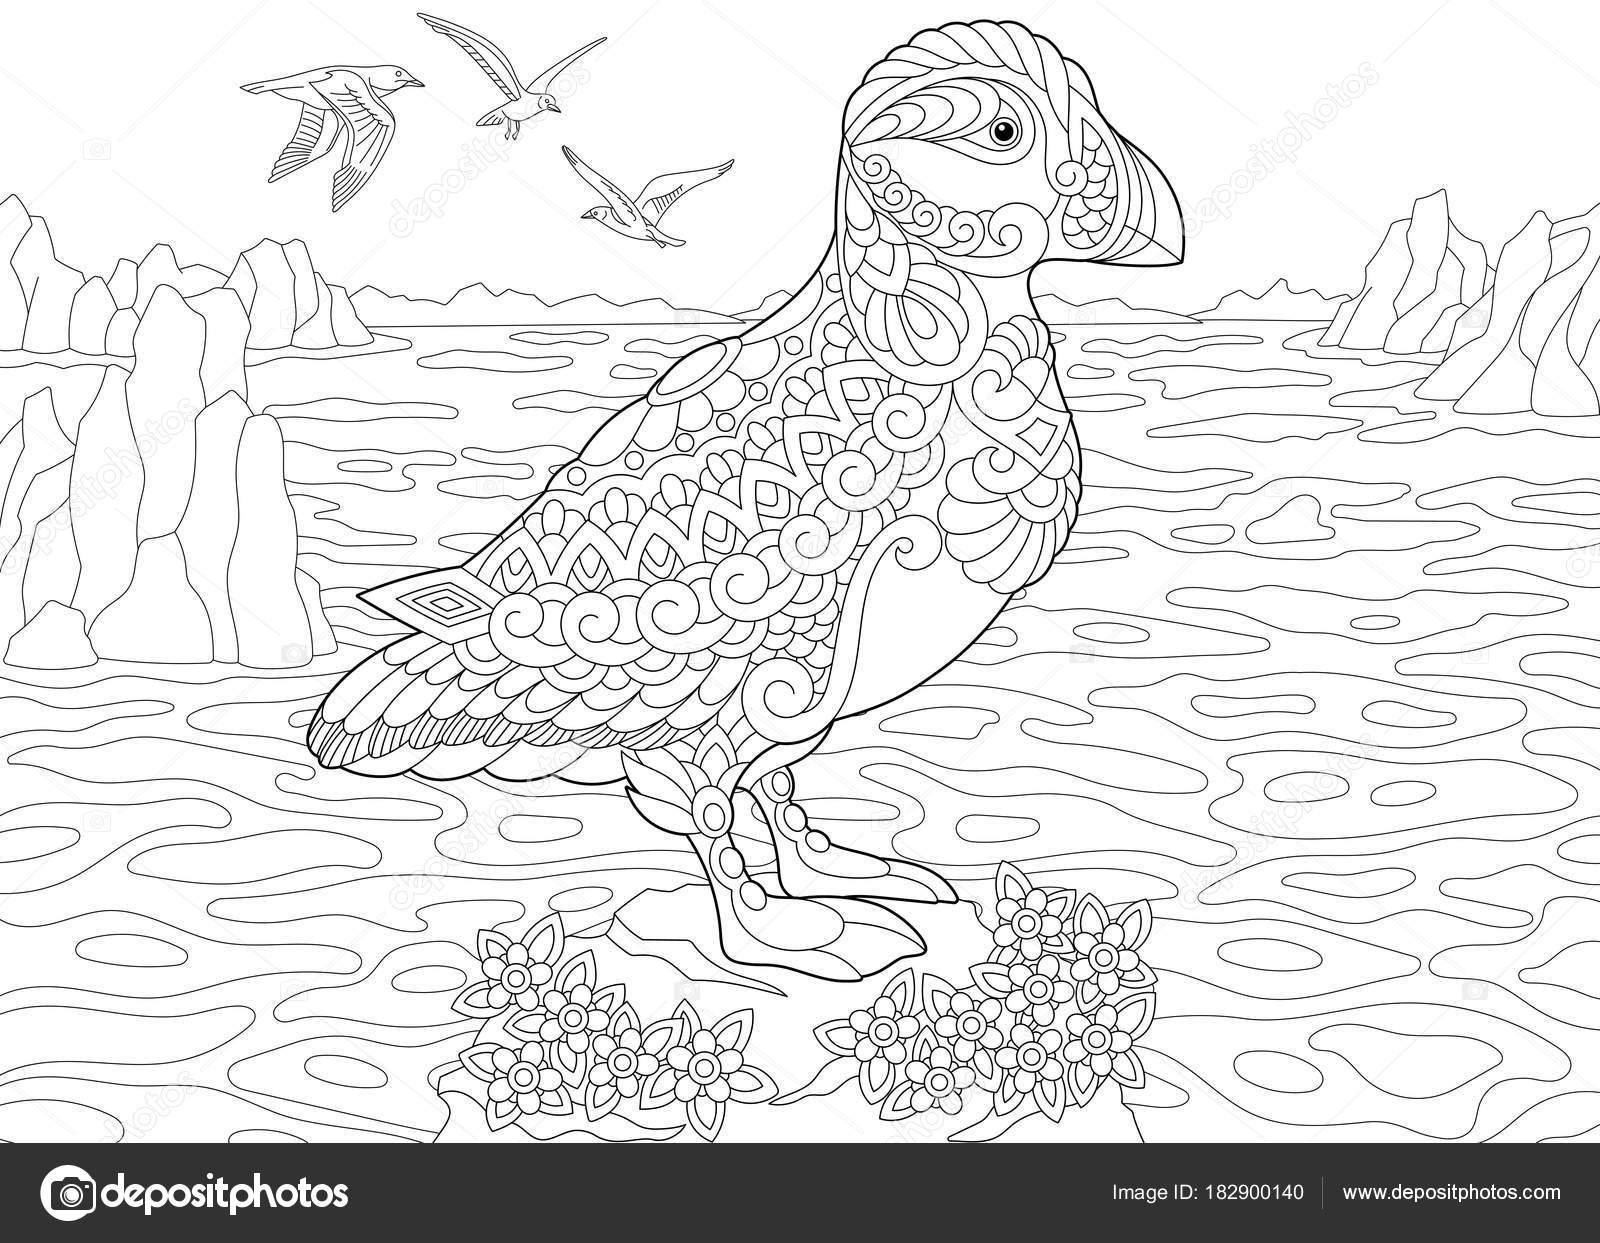 Zentangle puffin sea bird — Stock Vector © Sybirko #182900140